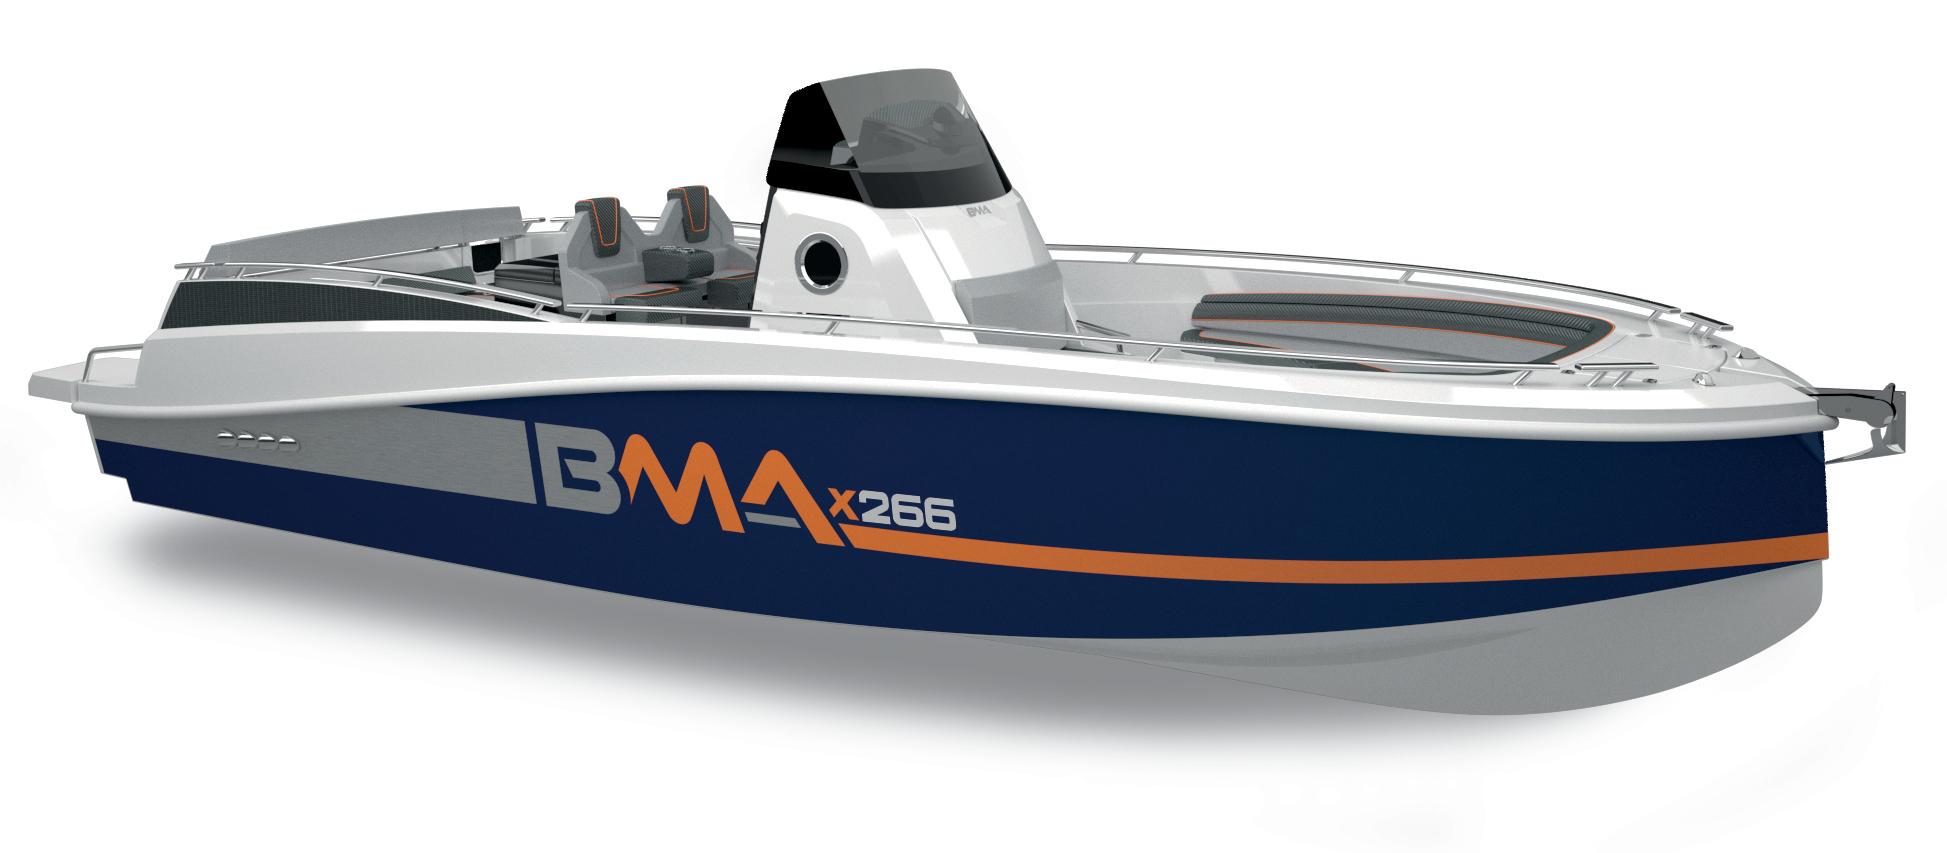 Nautique services La Rochelle - Vente de bateau à La Rochelle - BMA X266